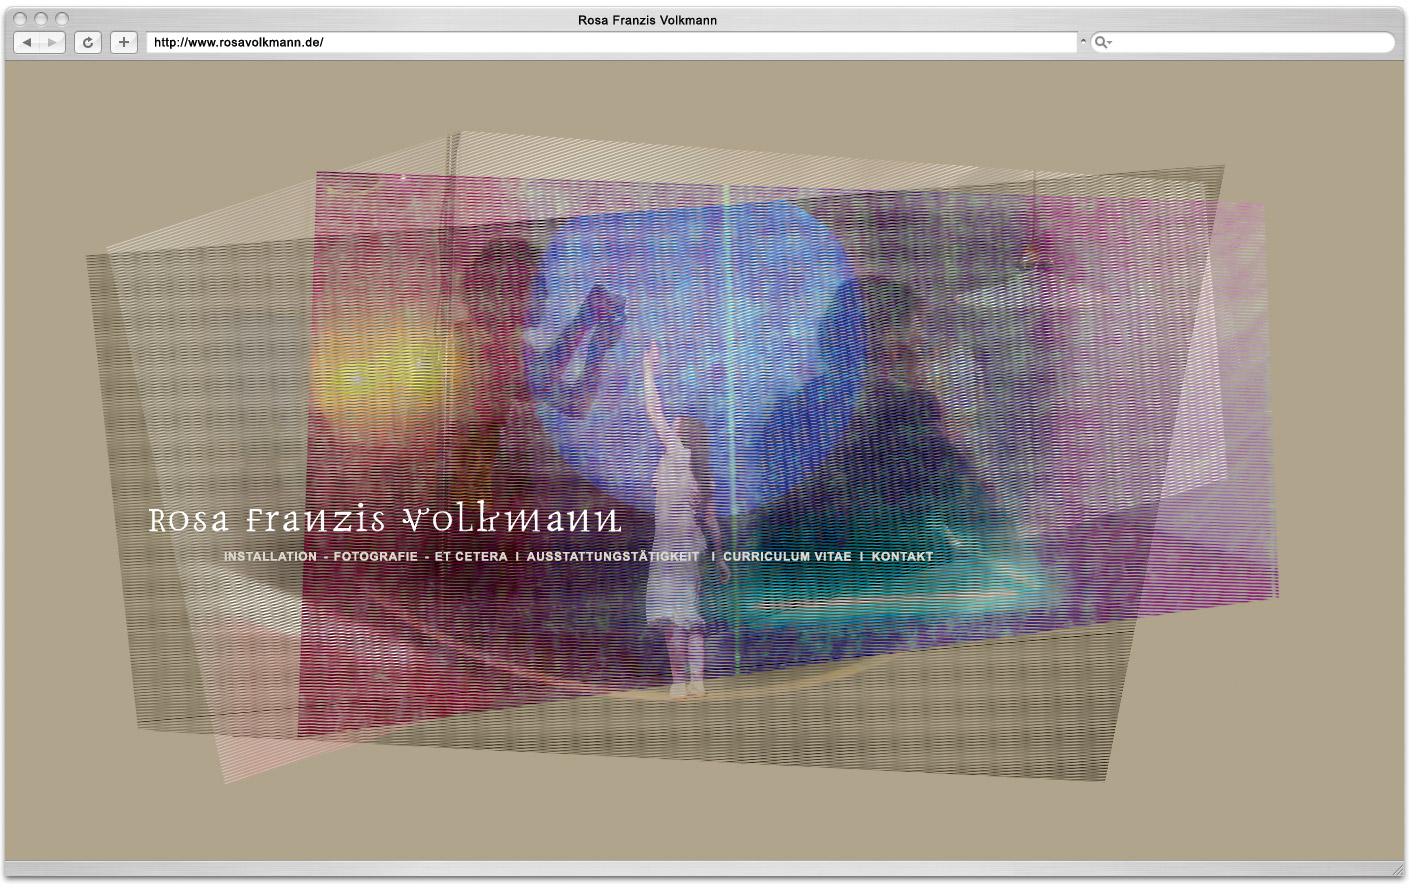 webdesign_kuenstler_01